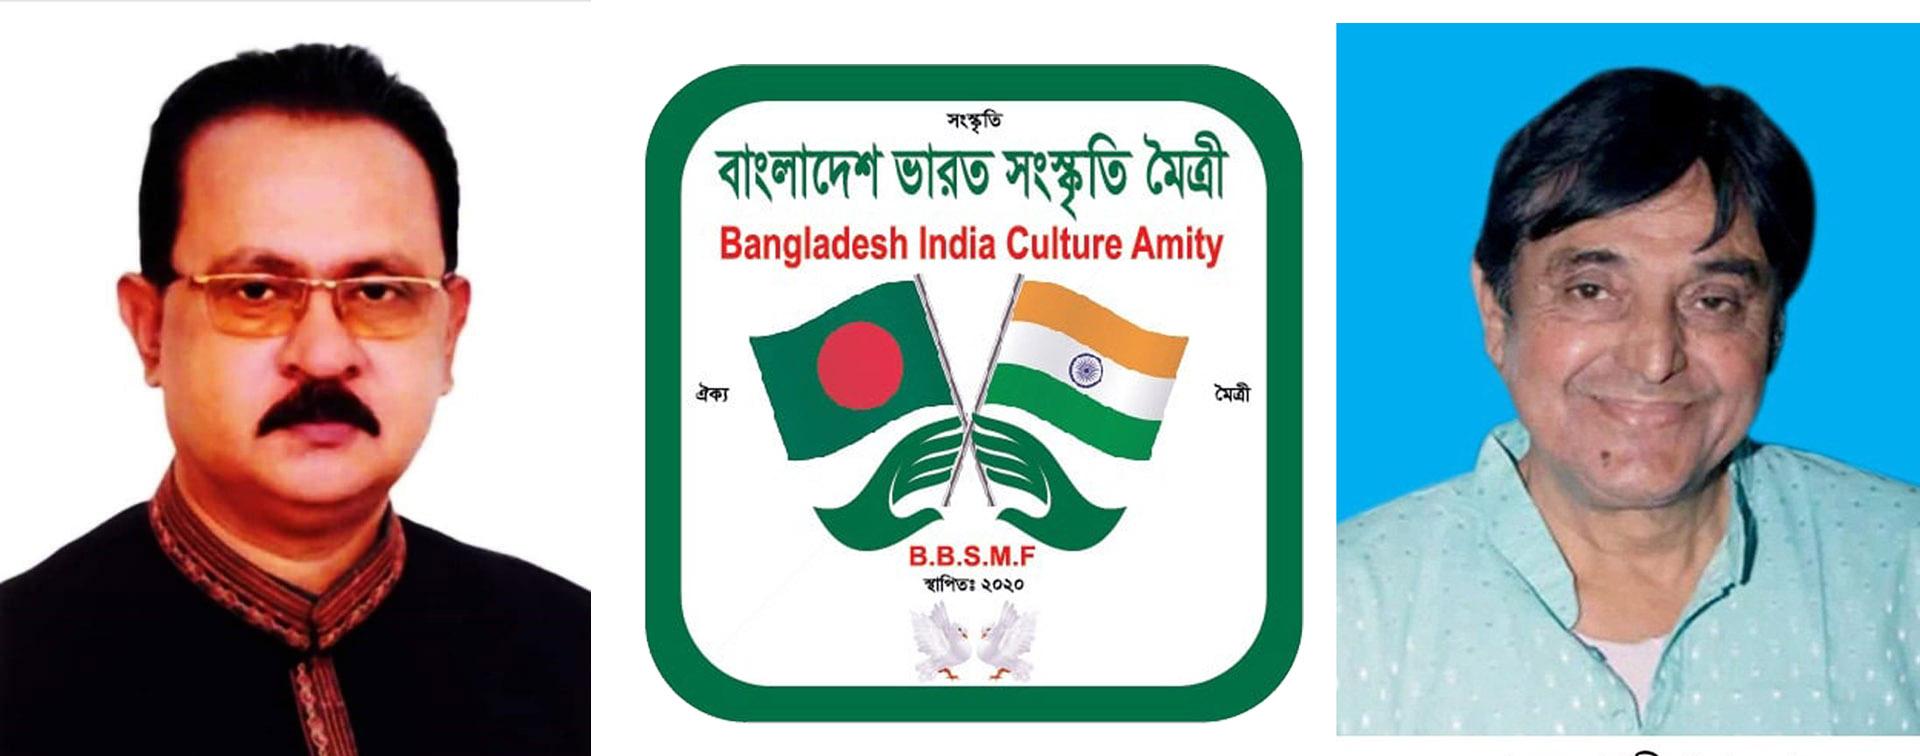 বাংলাদেশ ভারত সংস্কৃতি মৈত্রী'র পূর্ণাঙ্গ কমিটি অনুমোদন